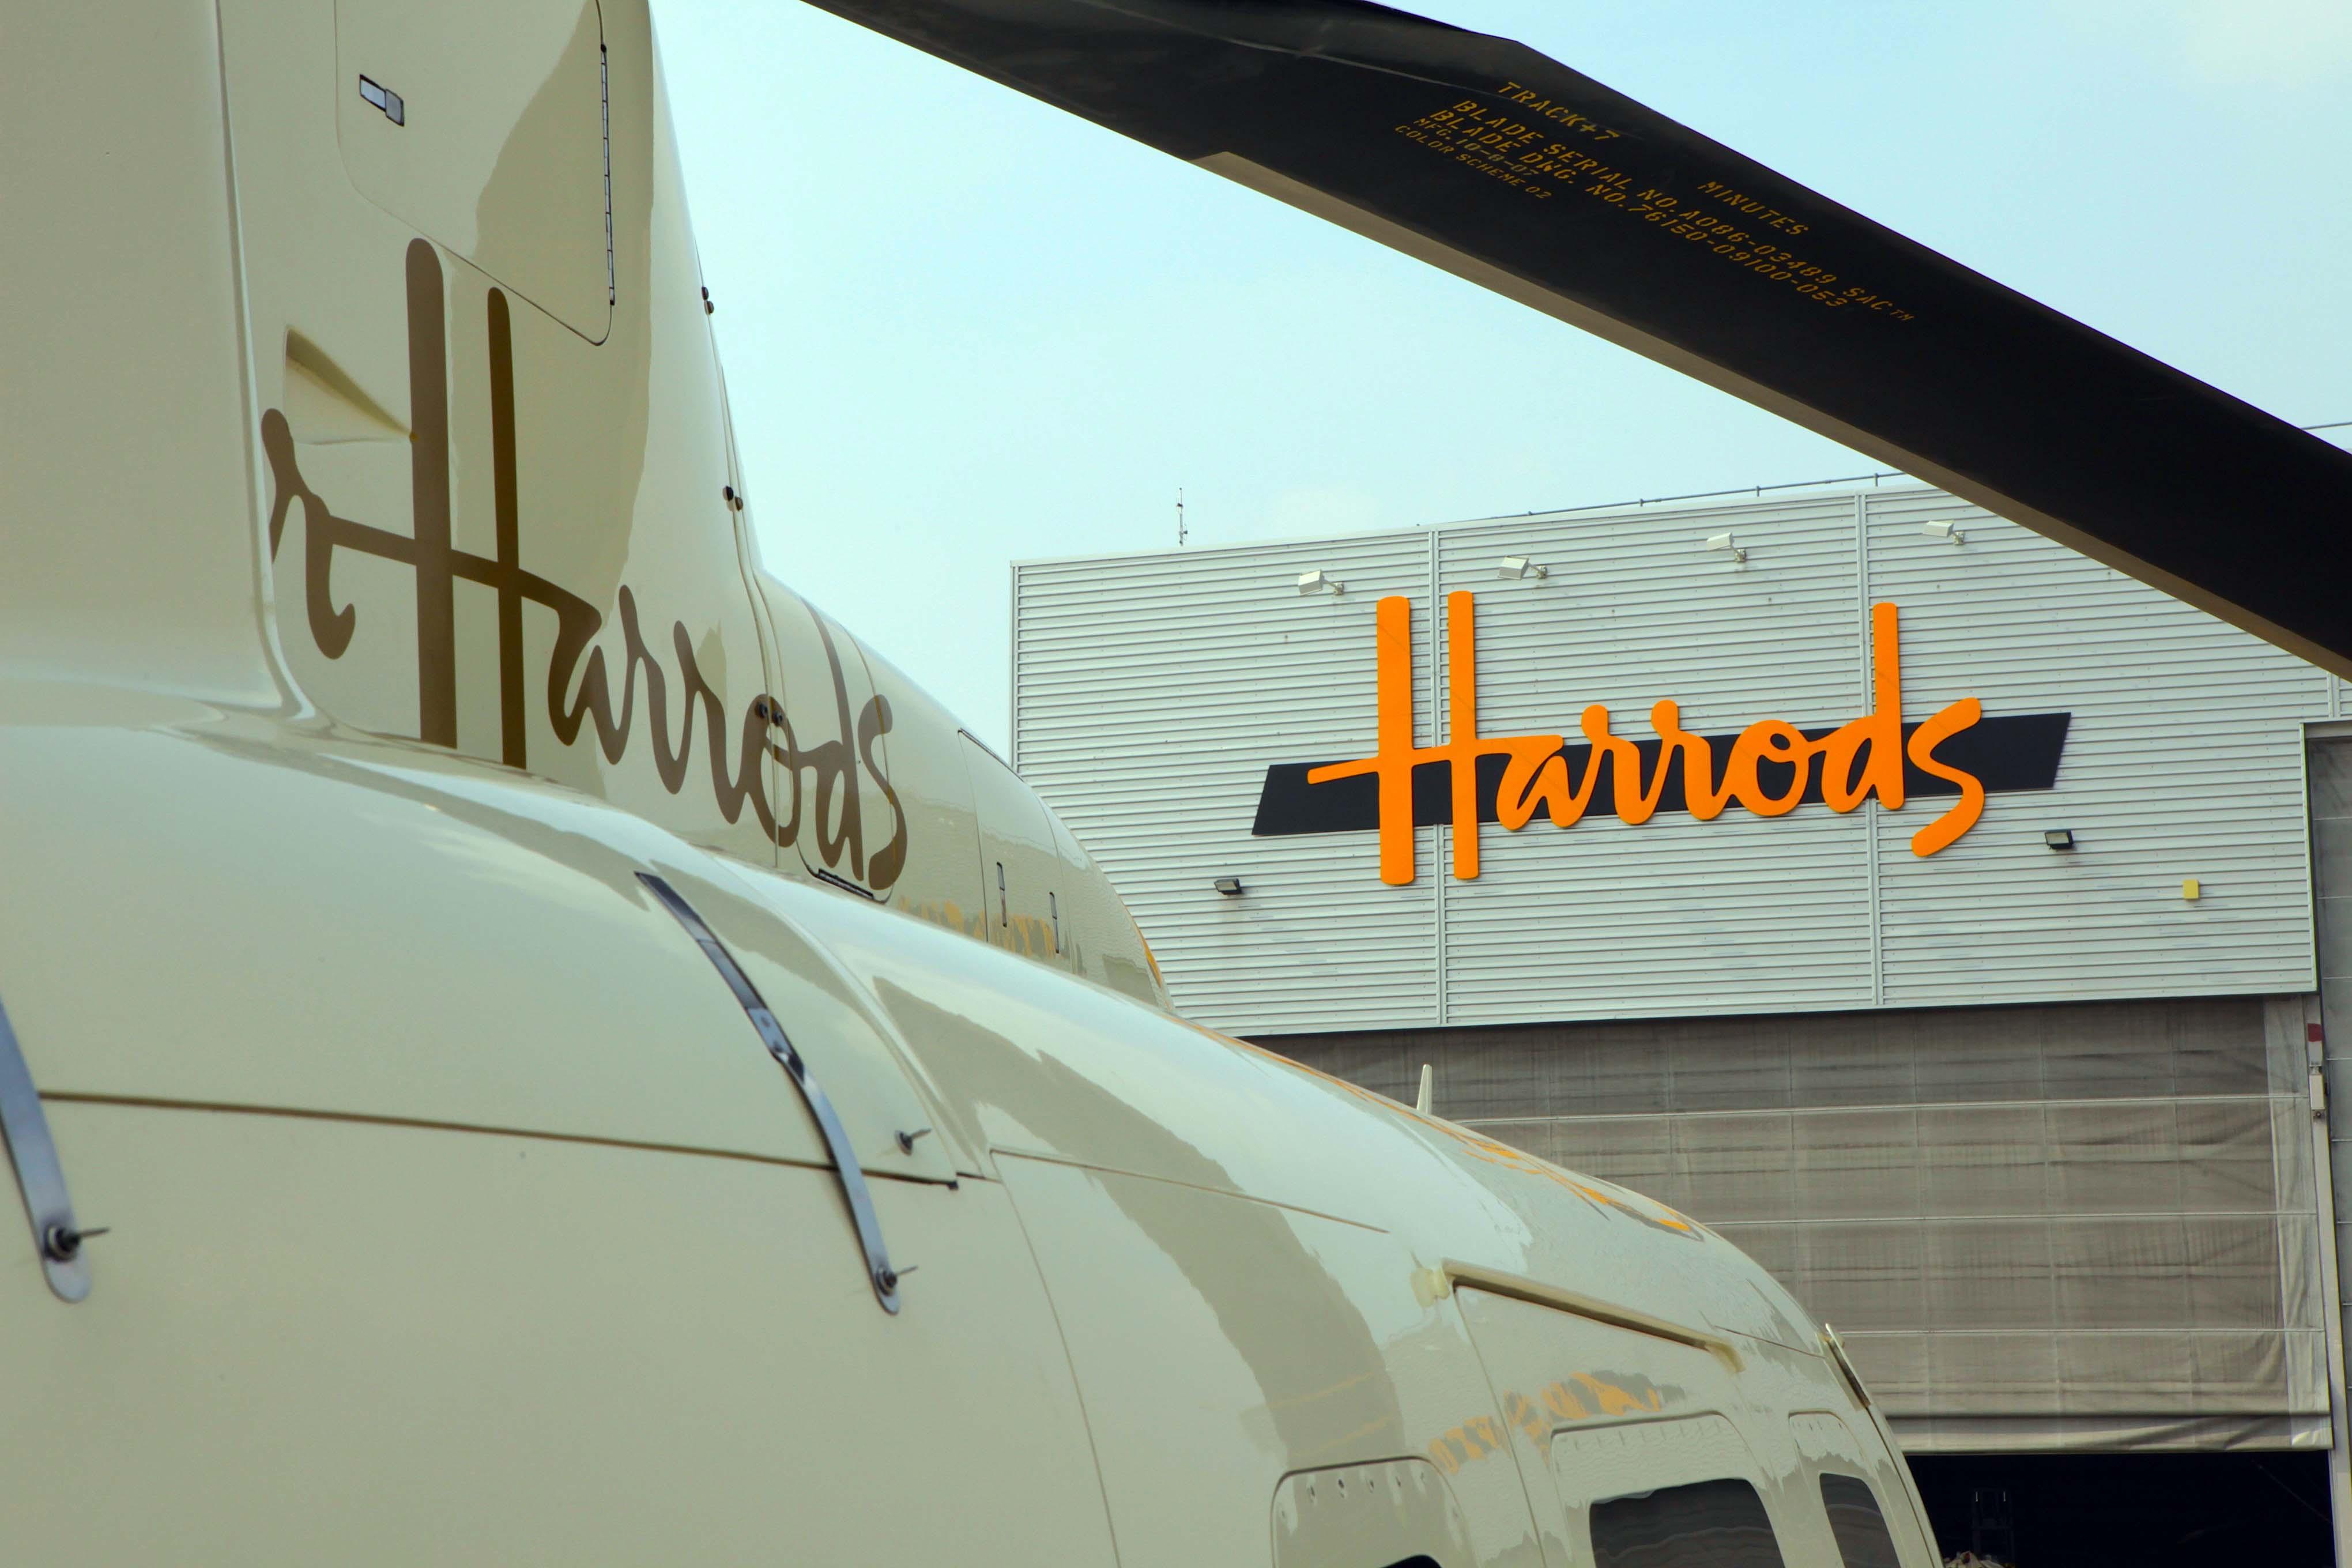 Harrods-7